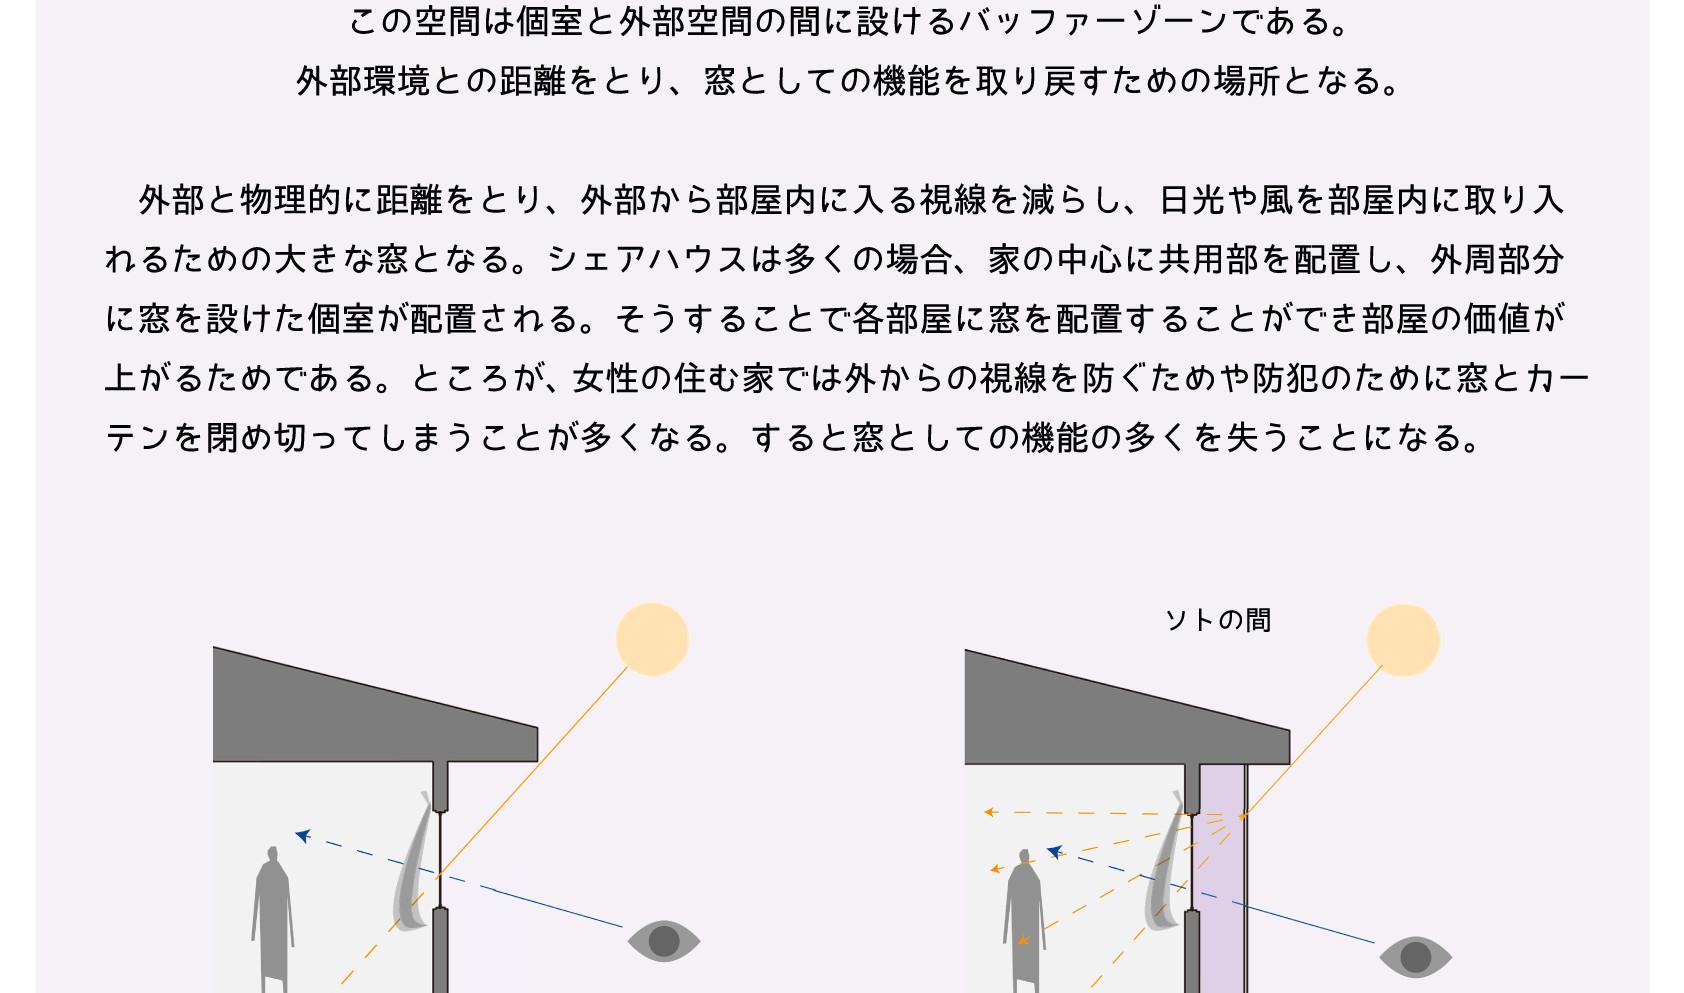 高巣文里_04.jpg